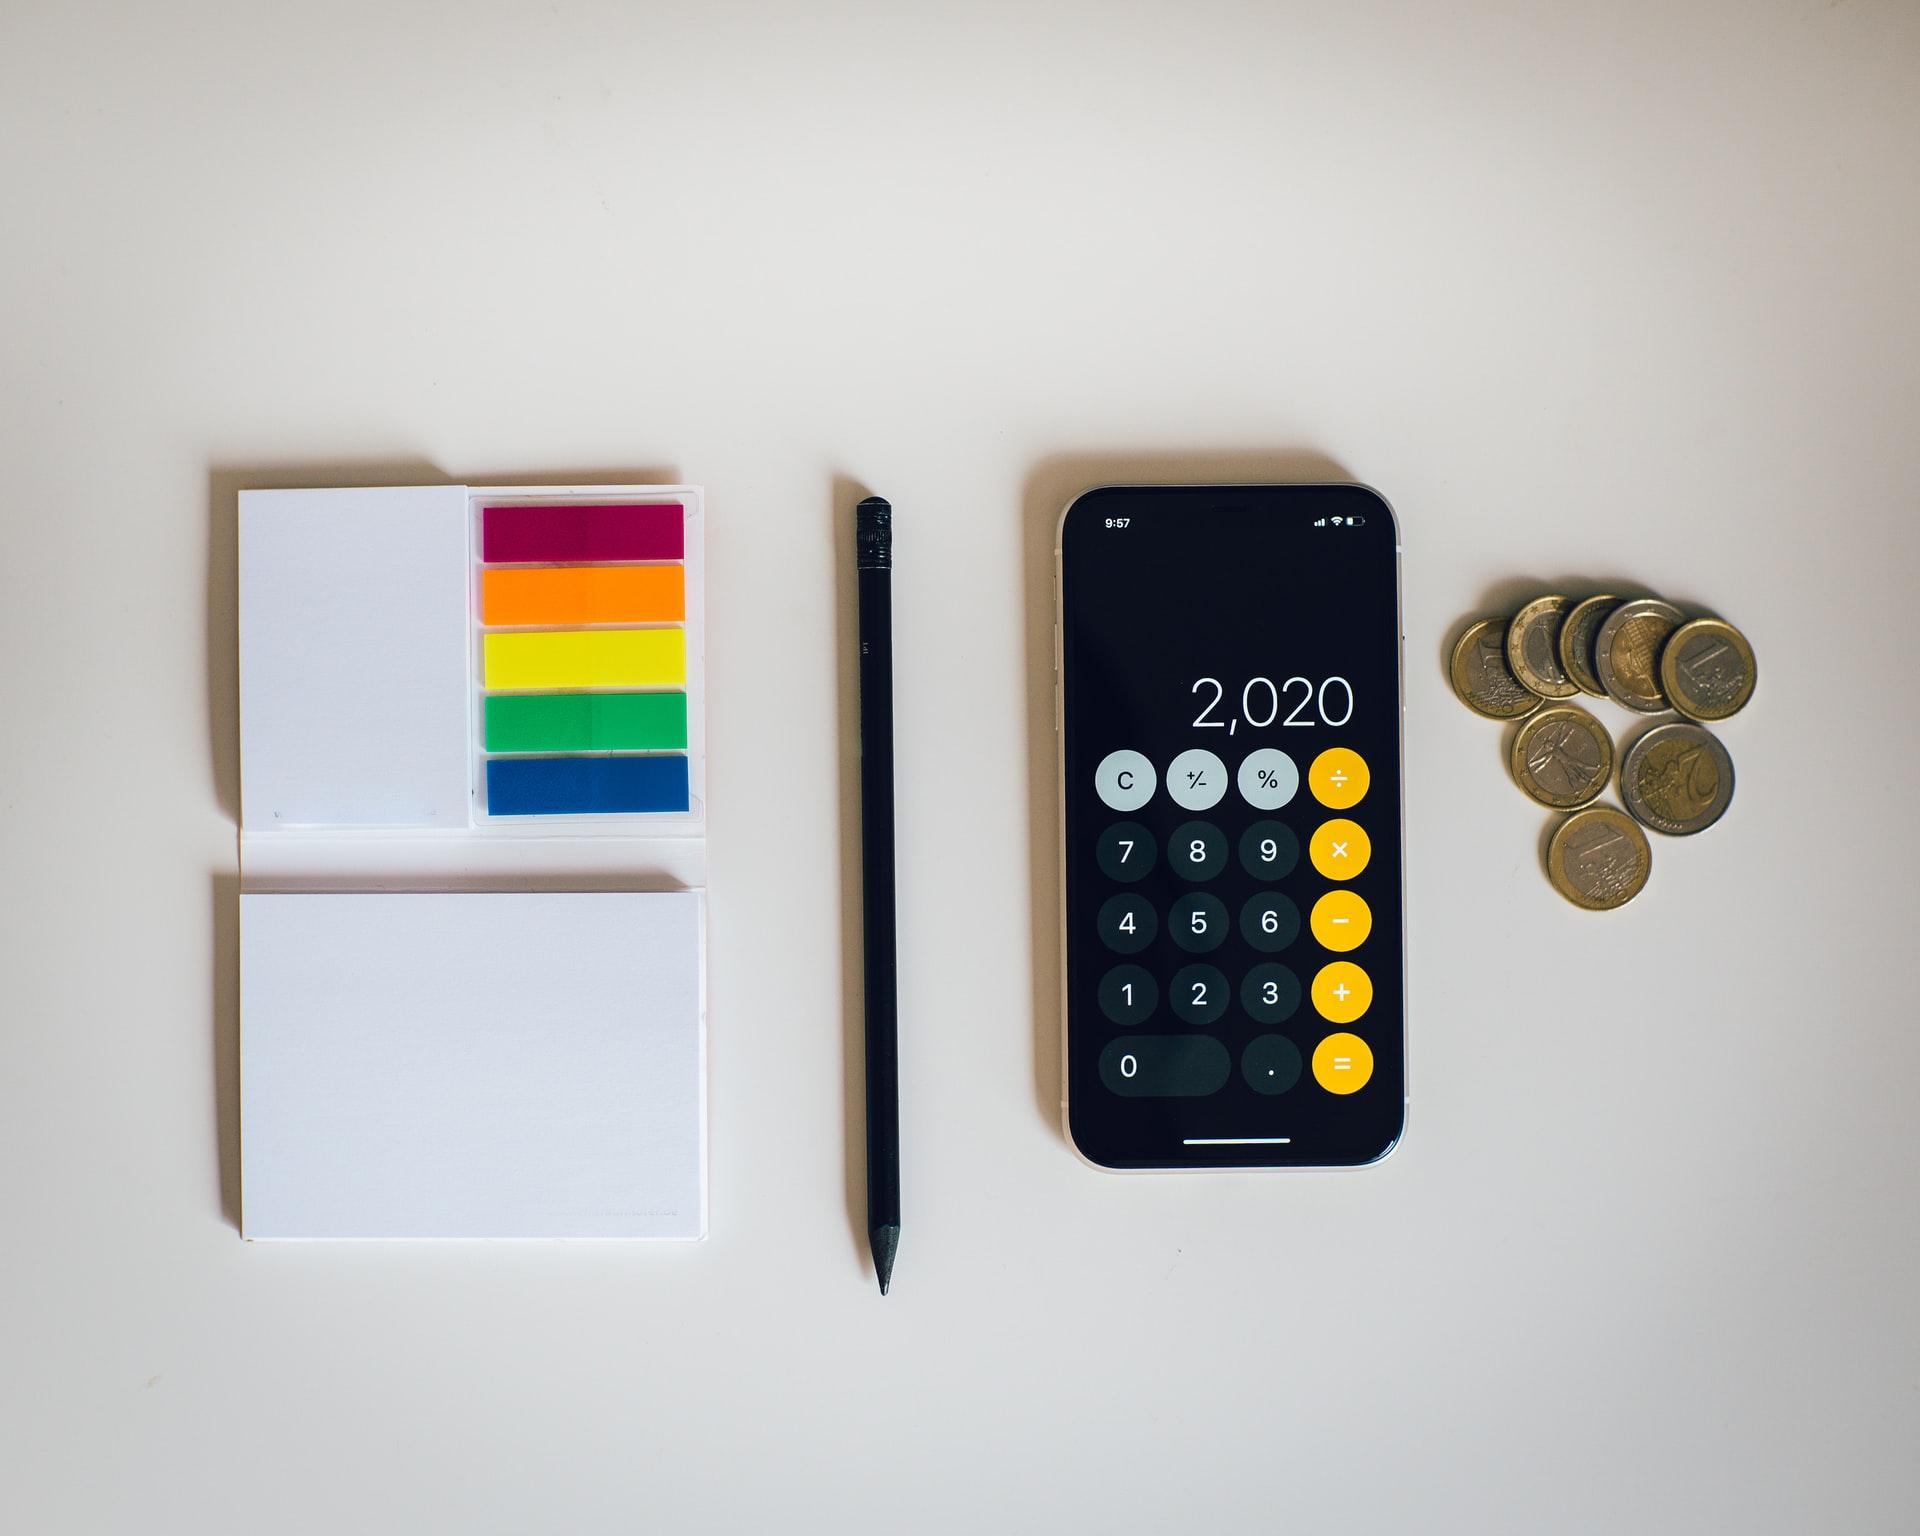 ¿Qué es la TAE de un préstamo y cómo calcularla?